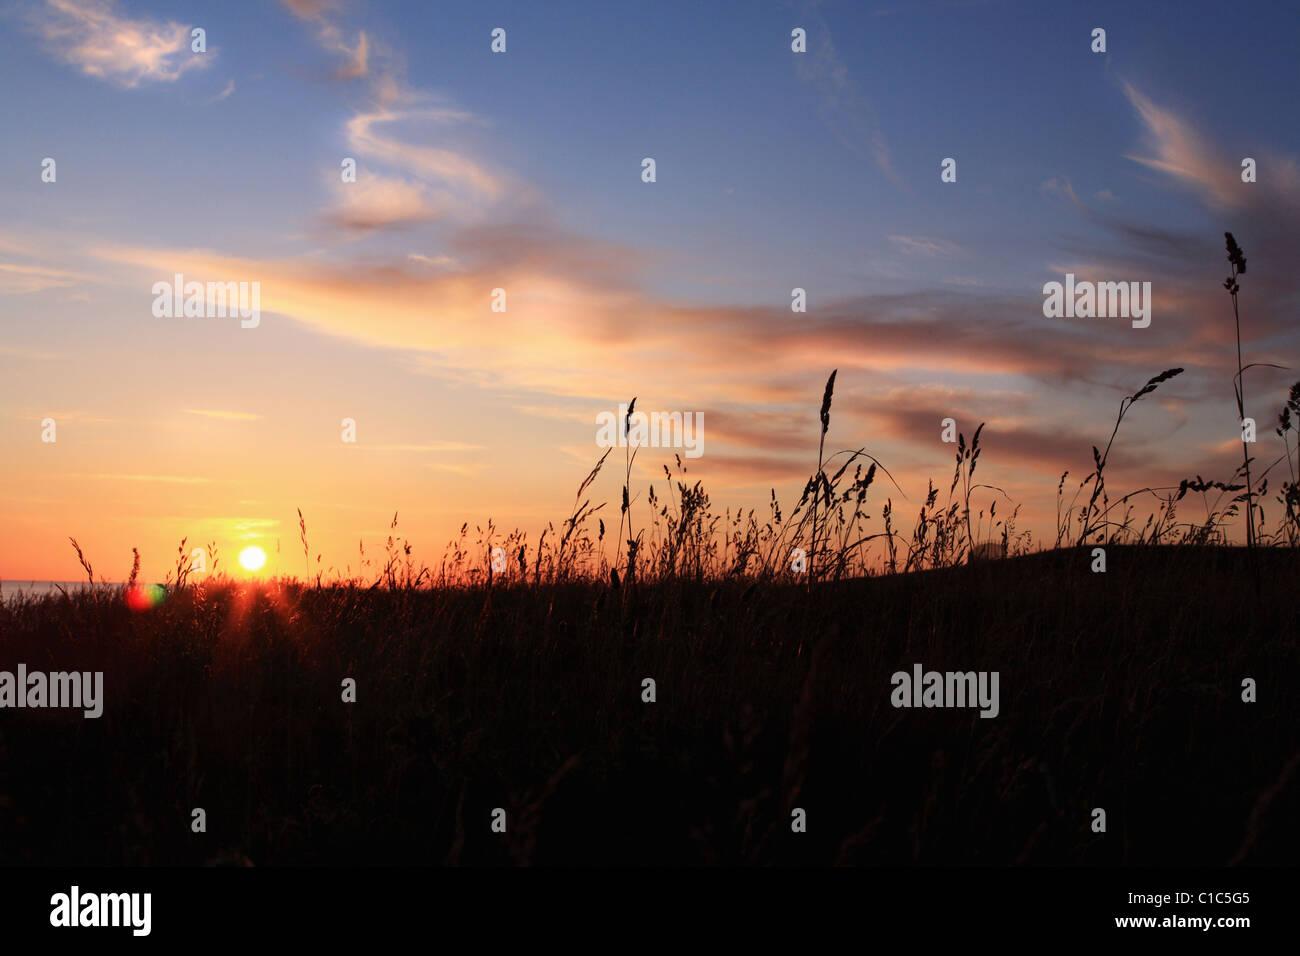 Sunset in  Skane, Sweden - Stock Image